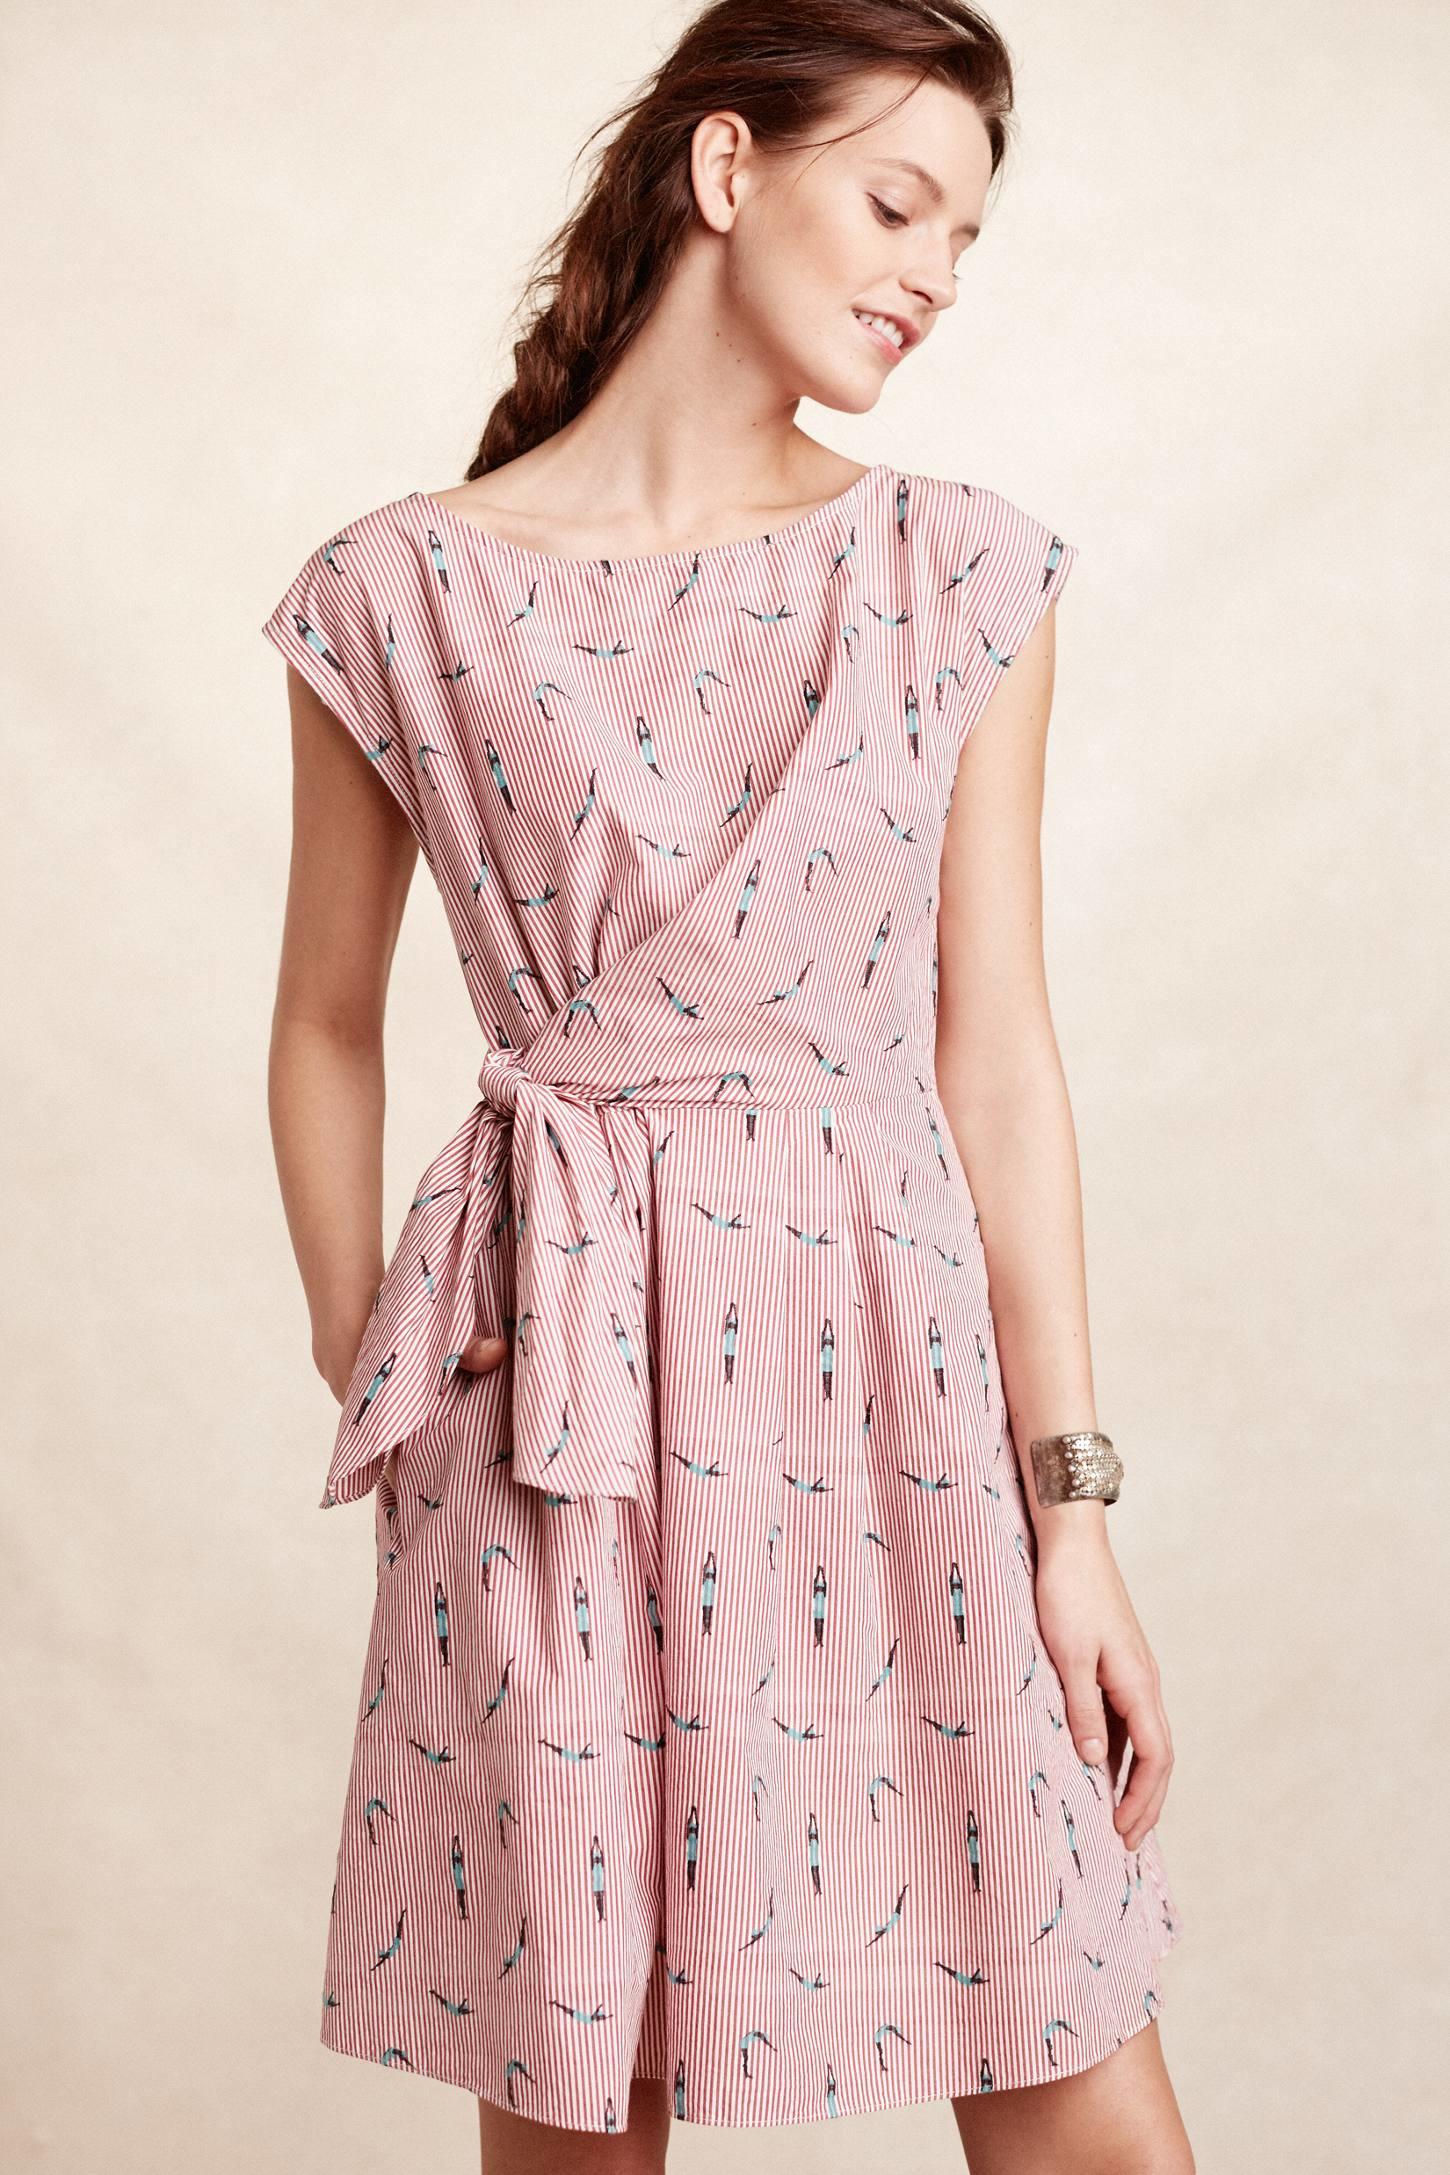 Maeve Bathing Beauty Dress In Pink Lyst